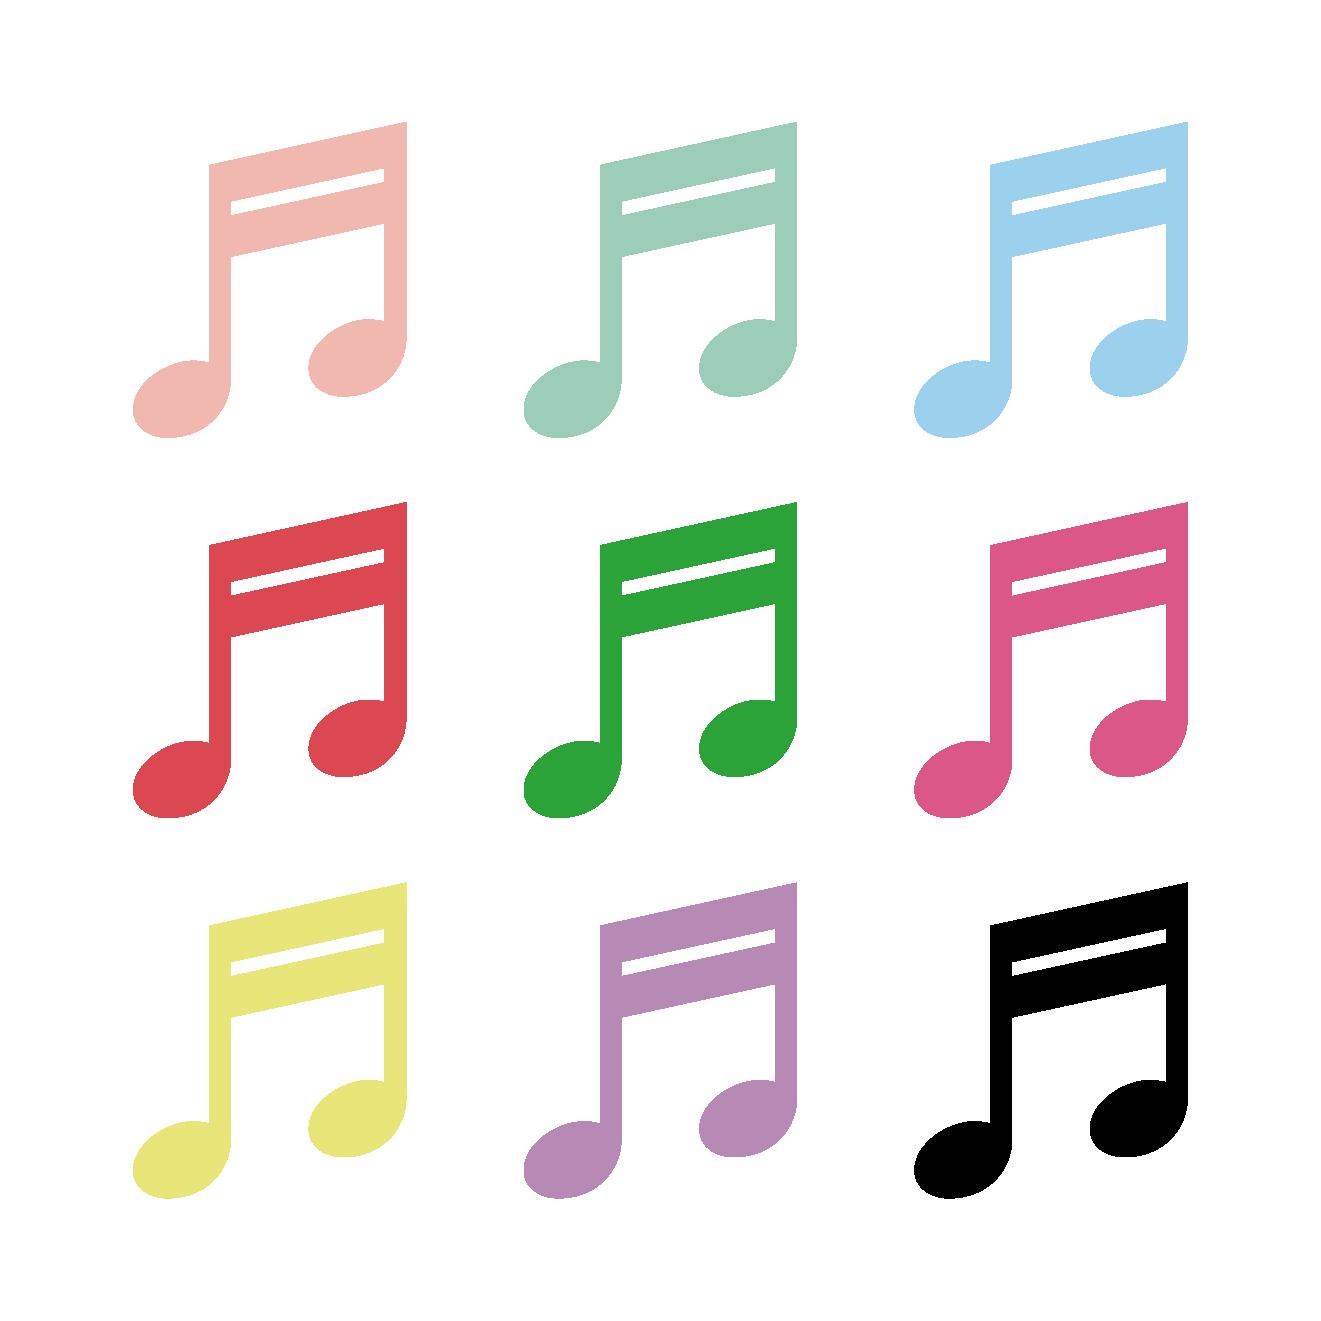 16分音符 2連符じゅうろくぶおんぷにれんぷのイラスト音楽